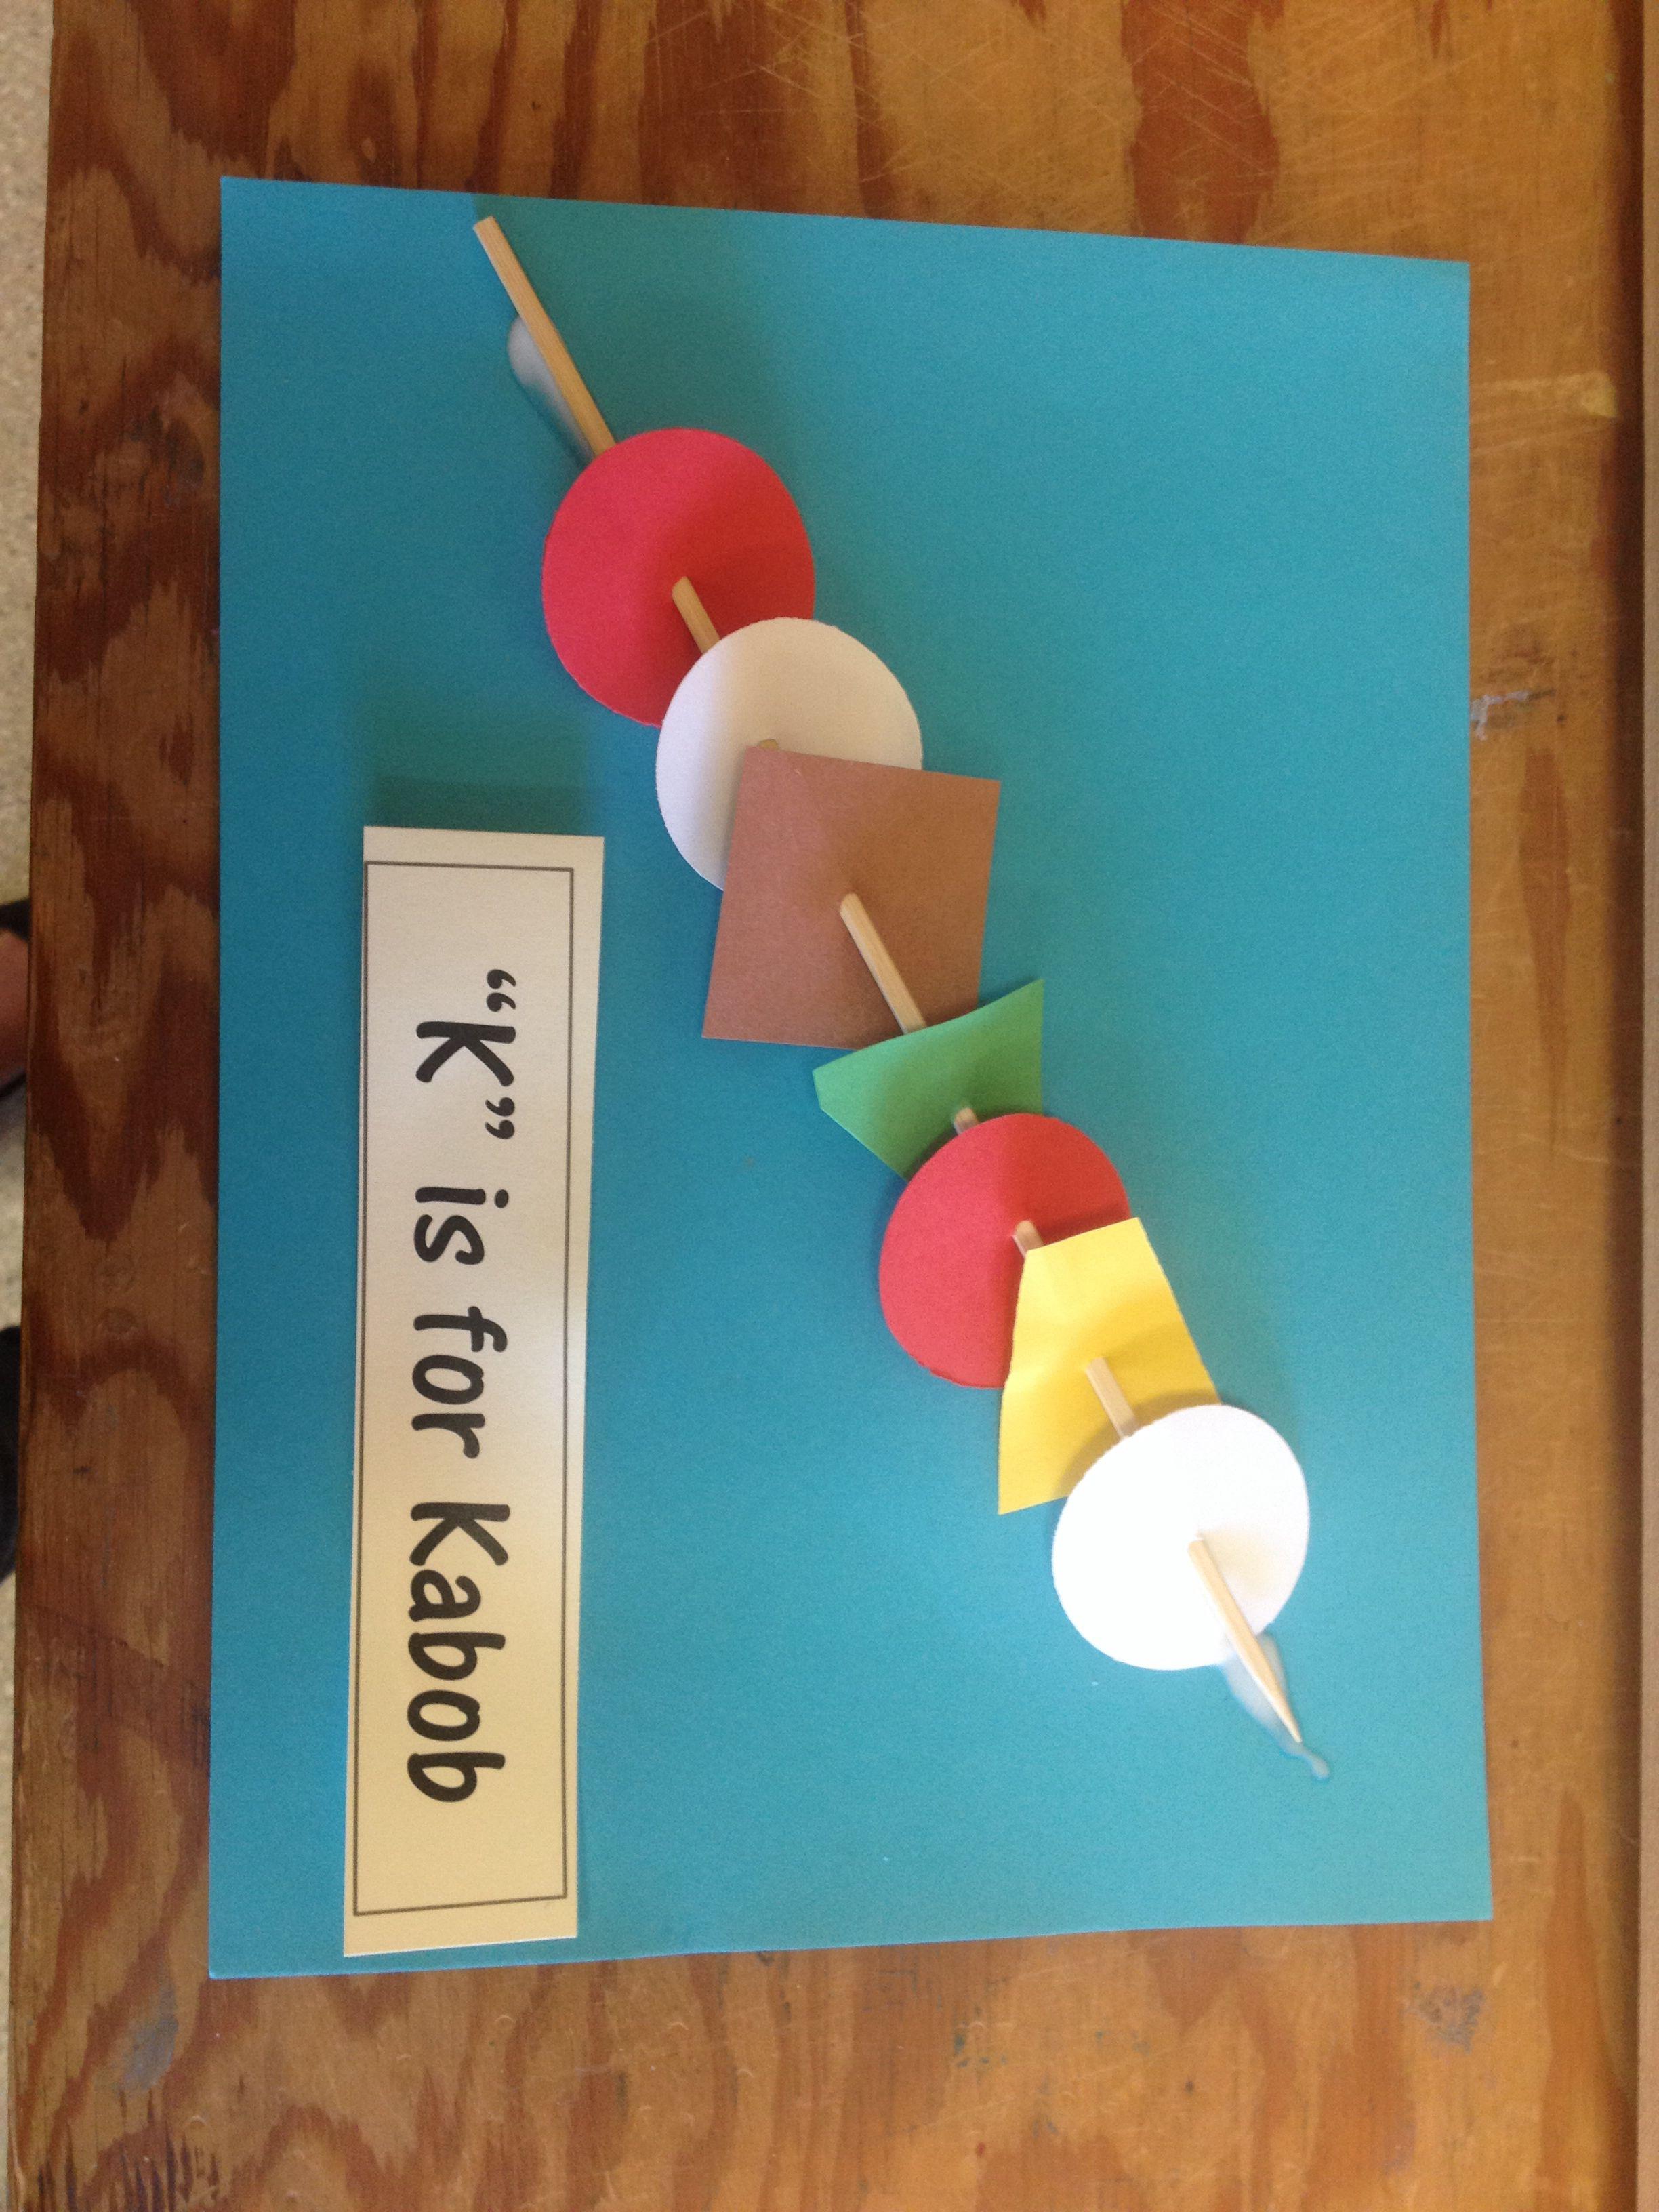 a089b7814cf339ca0f381d33378fe5cd - Pre Kindergarten Crafts